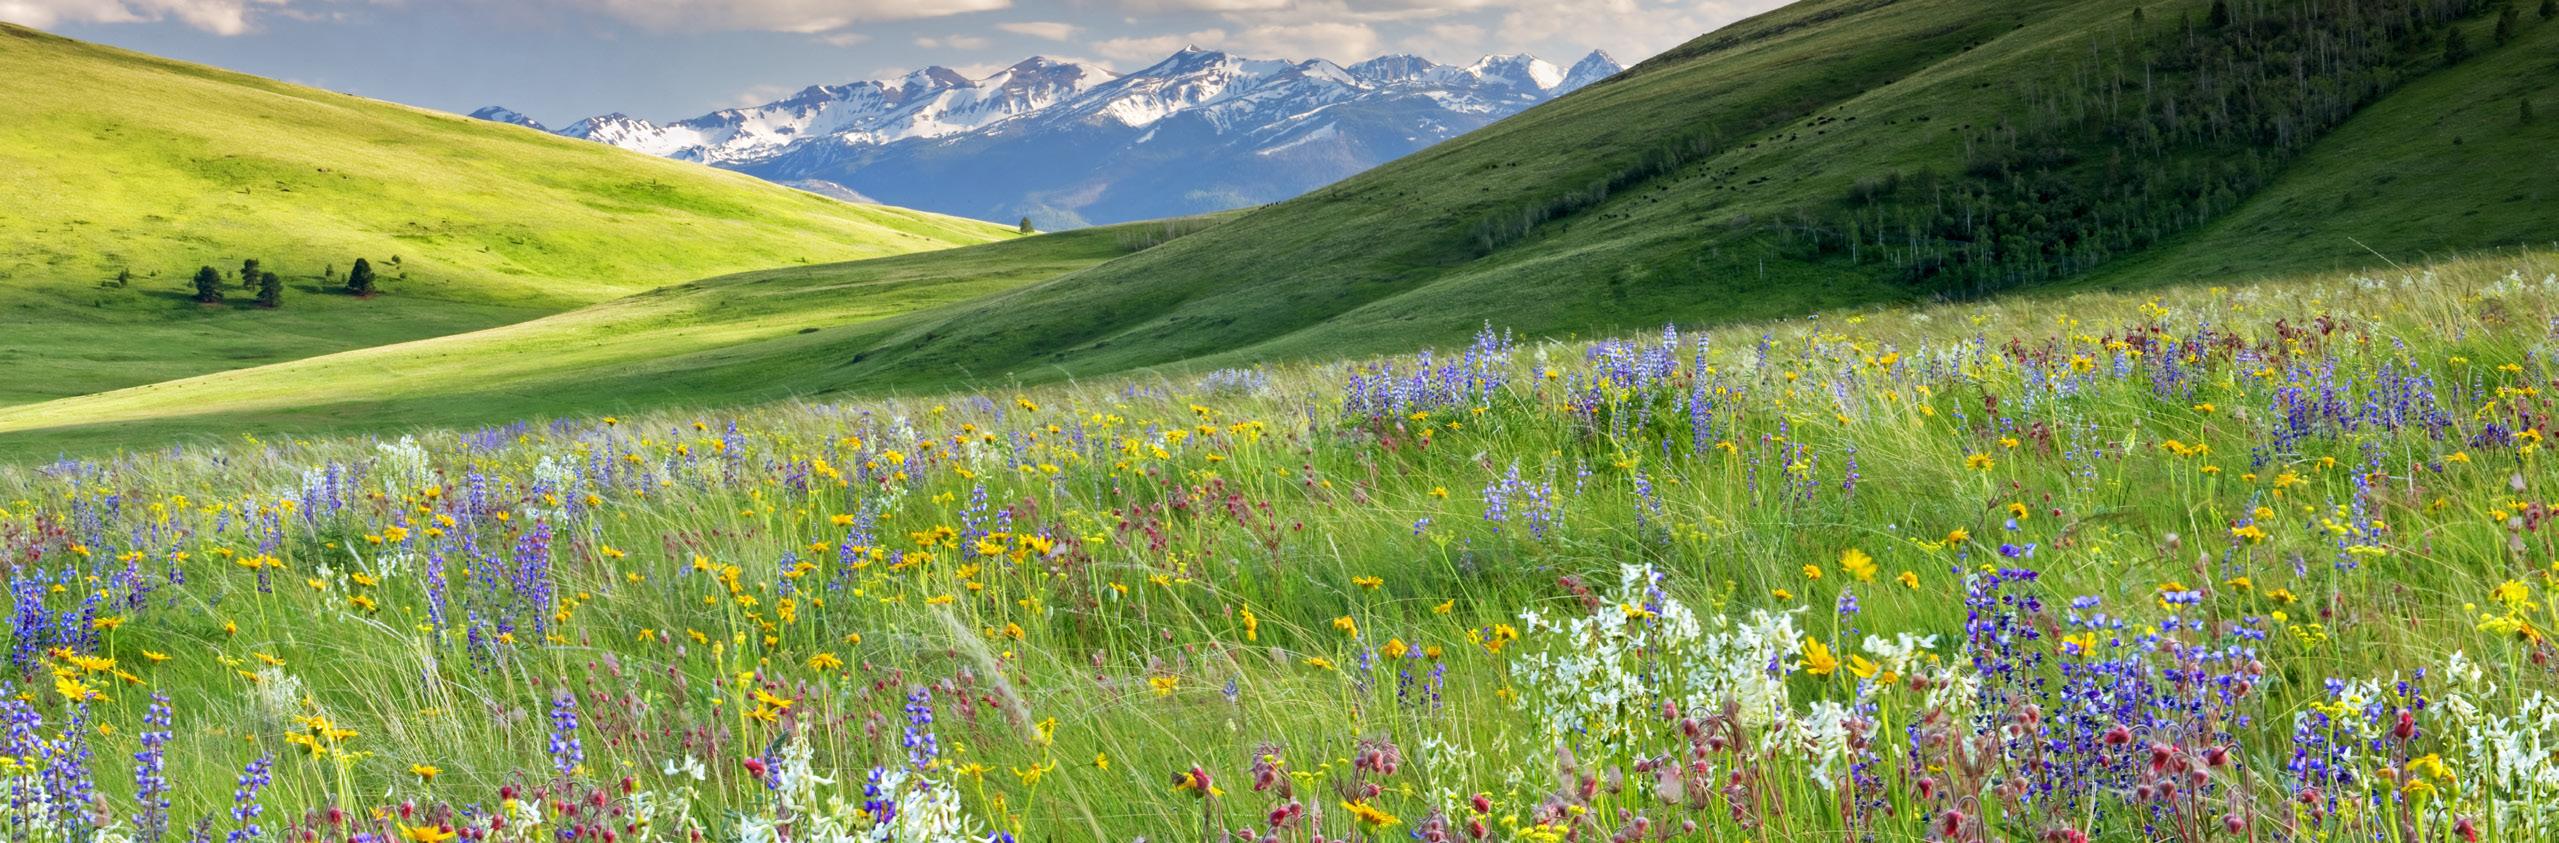 Eastern Oregon Mountains